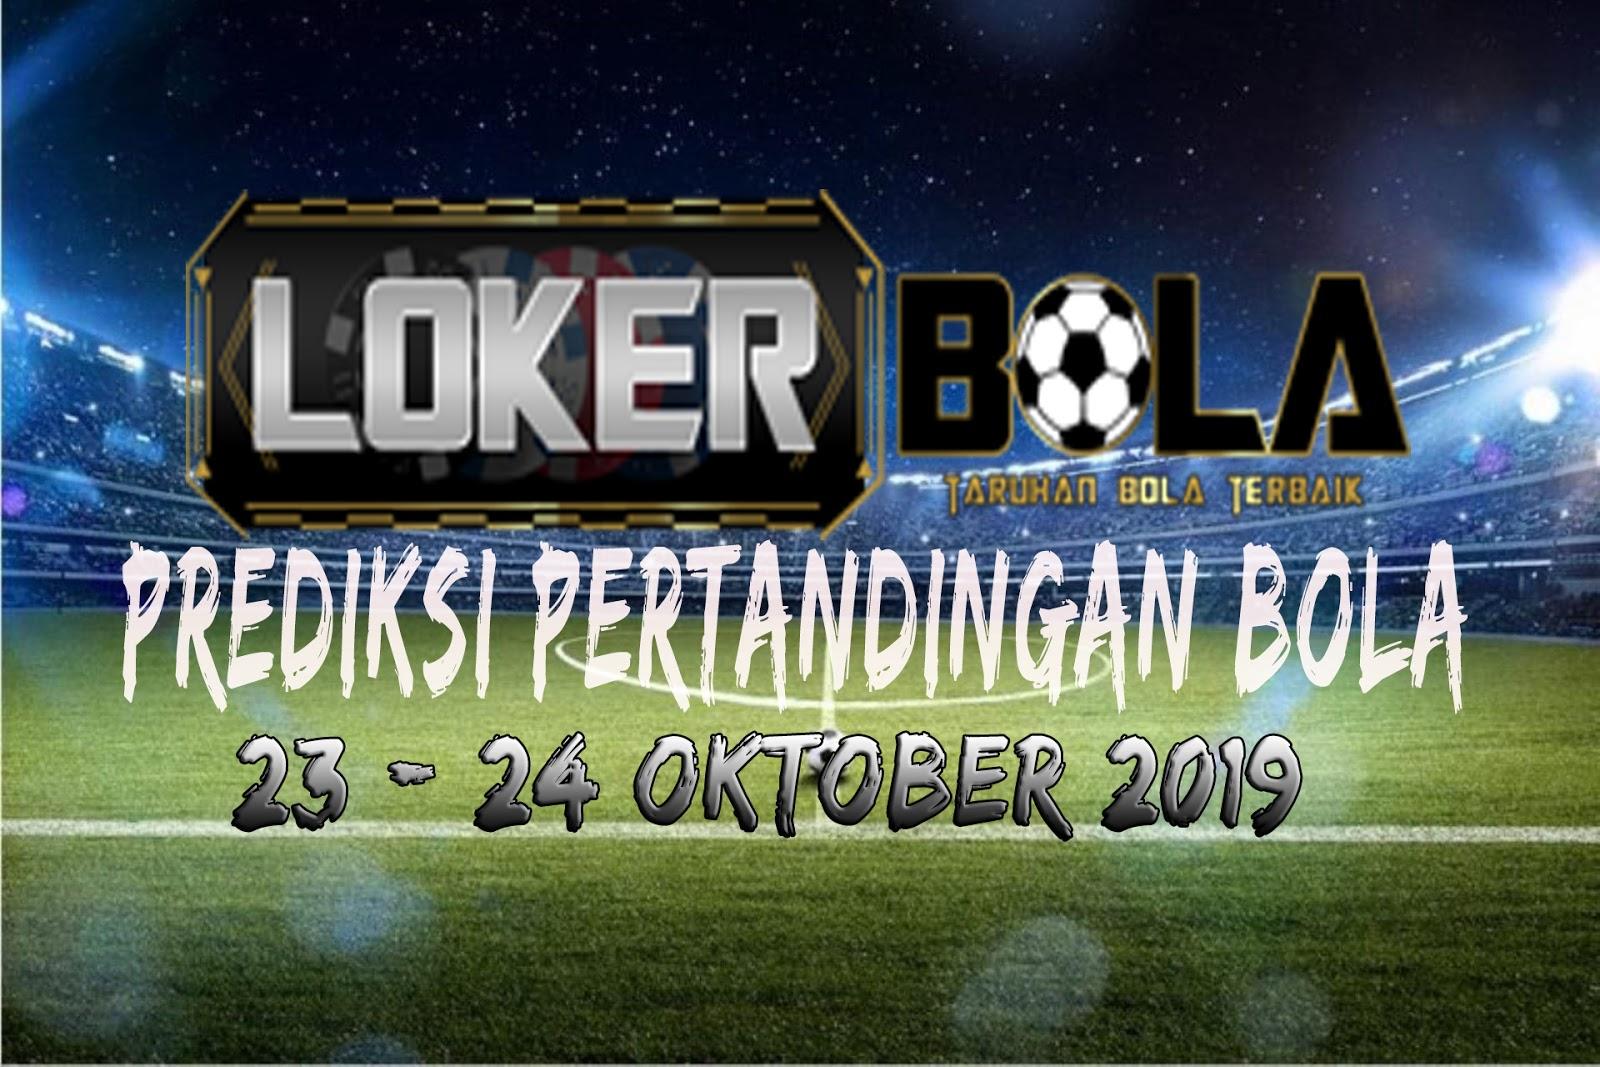 PREDIKSI PERTANDINGAN BOLA 23 – 24 OKTOBER 2019